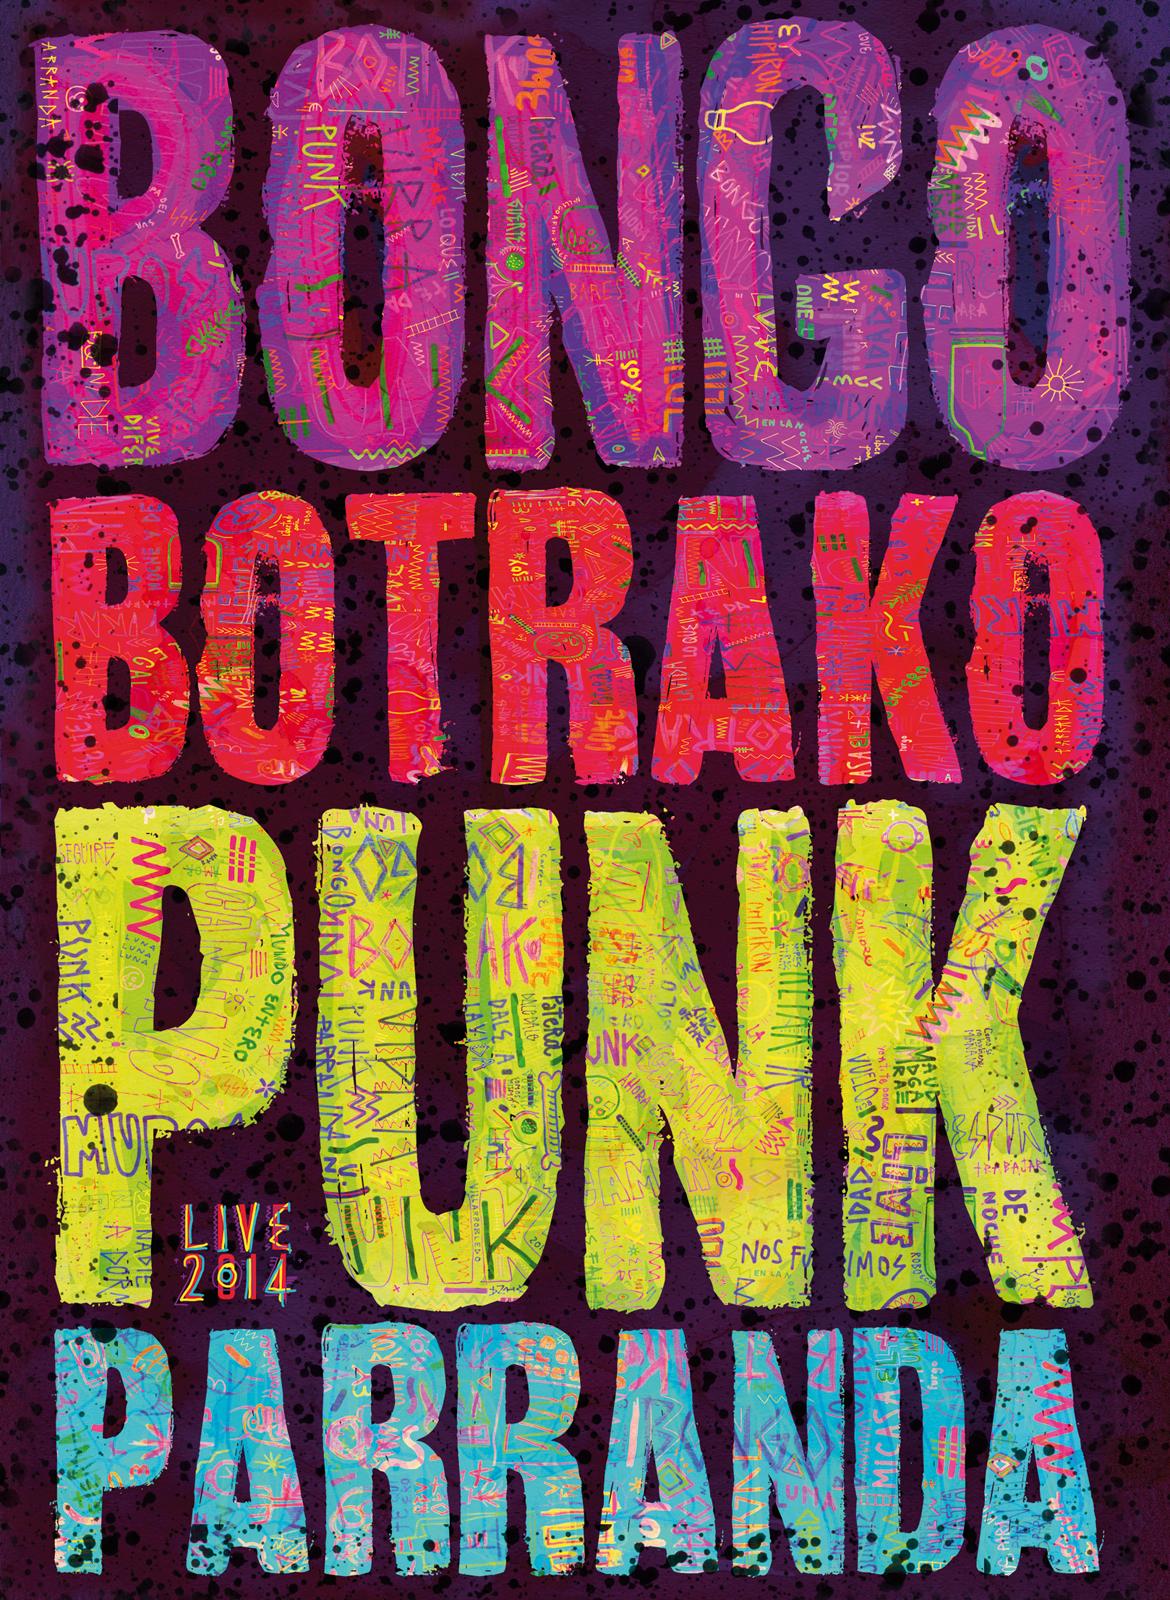 Punk Parranda - Wikipedia, la enciclopedia libre